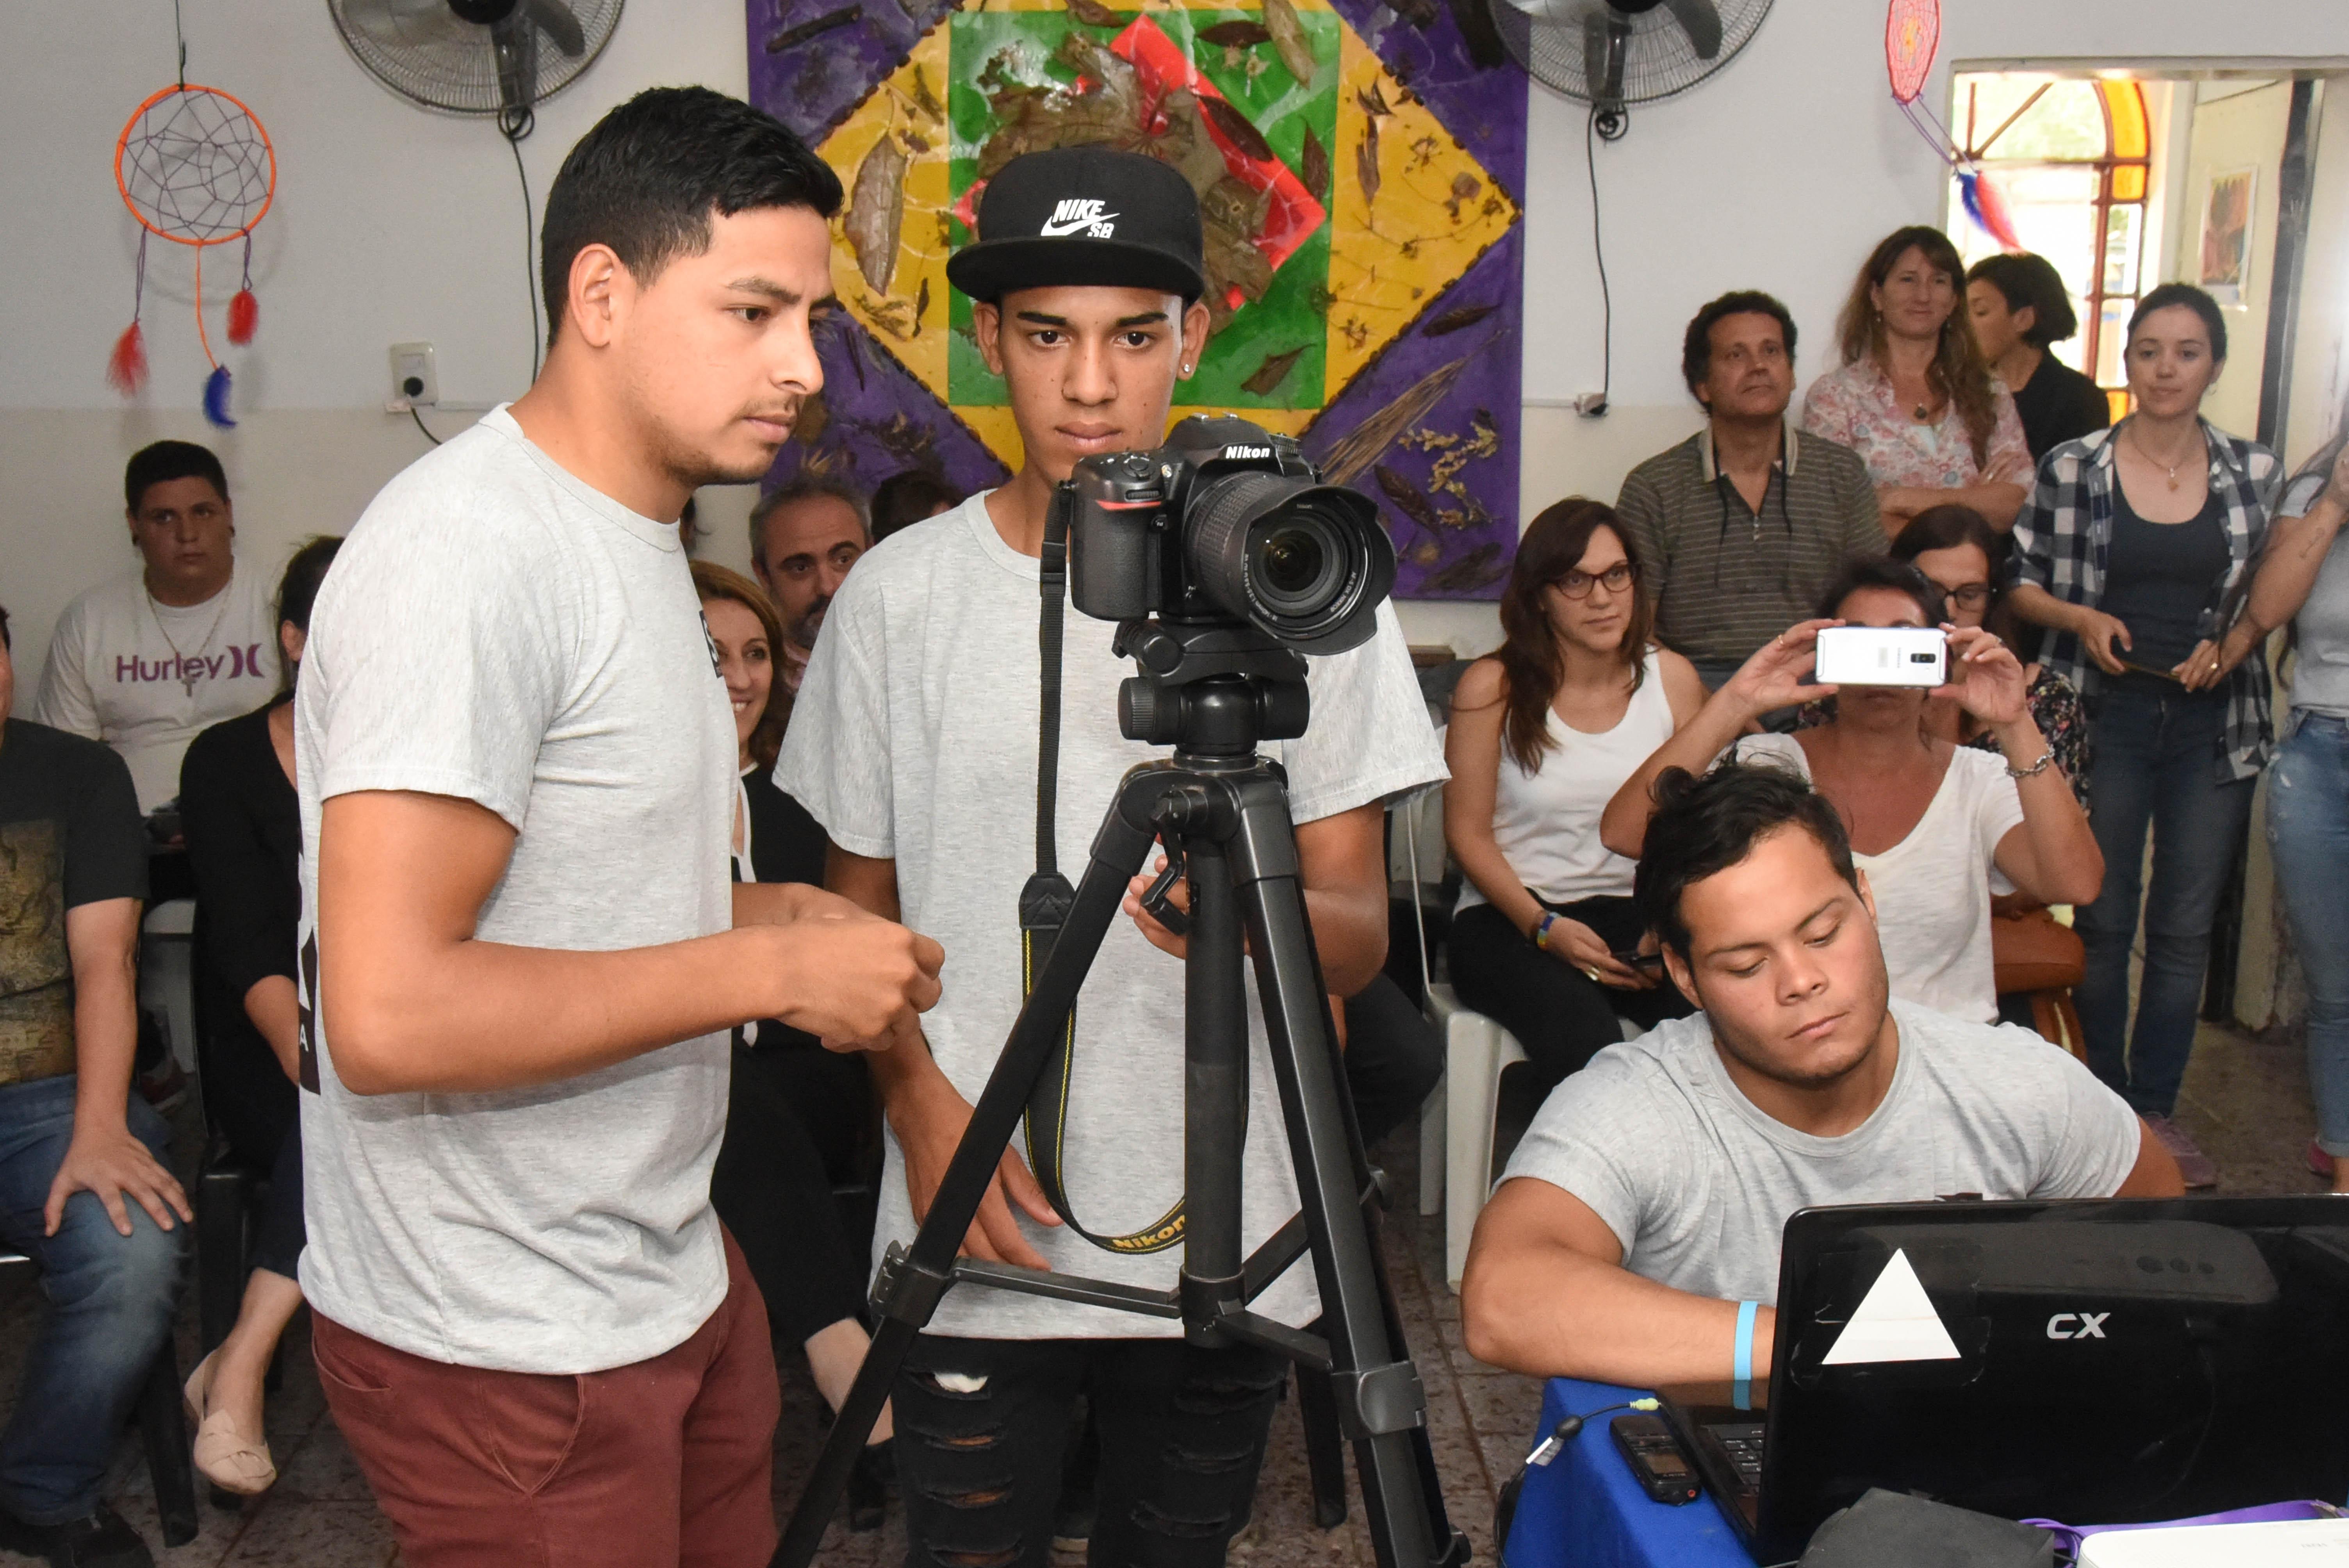 Diez jóvenes que se capacitaron y quieren insertarse en el mundo laboral